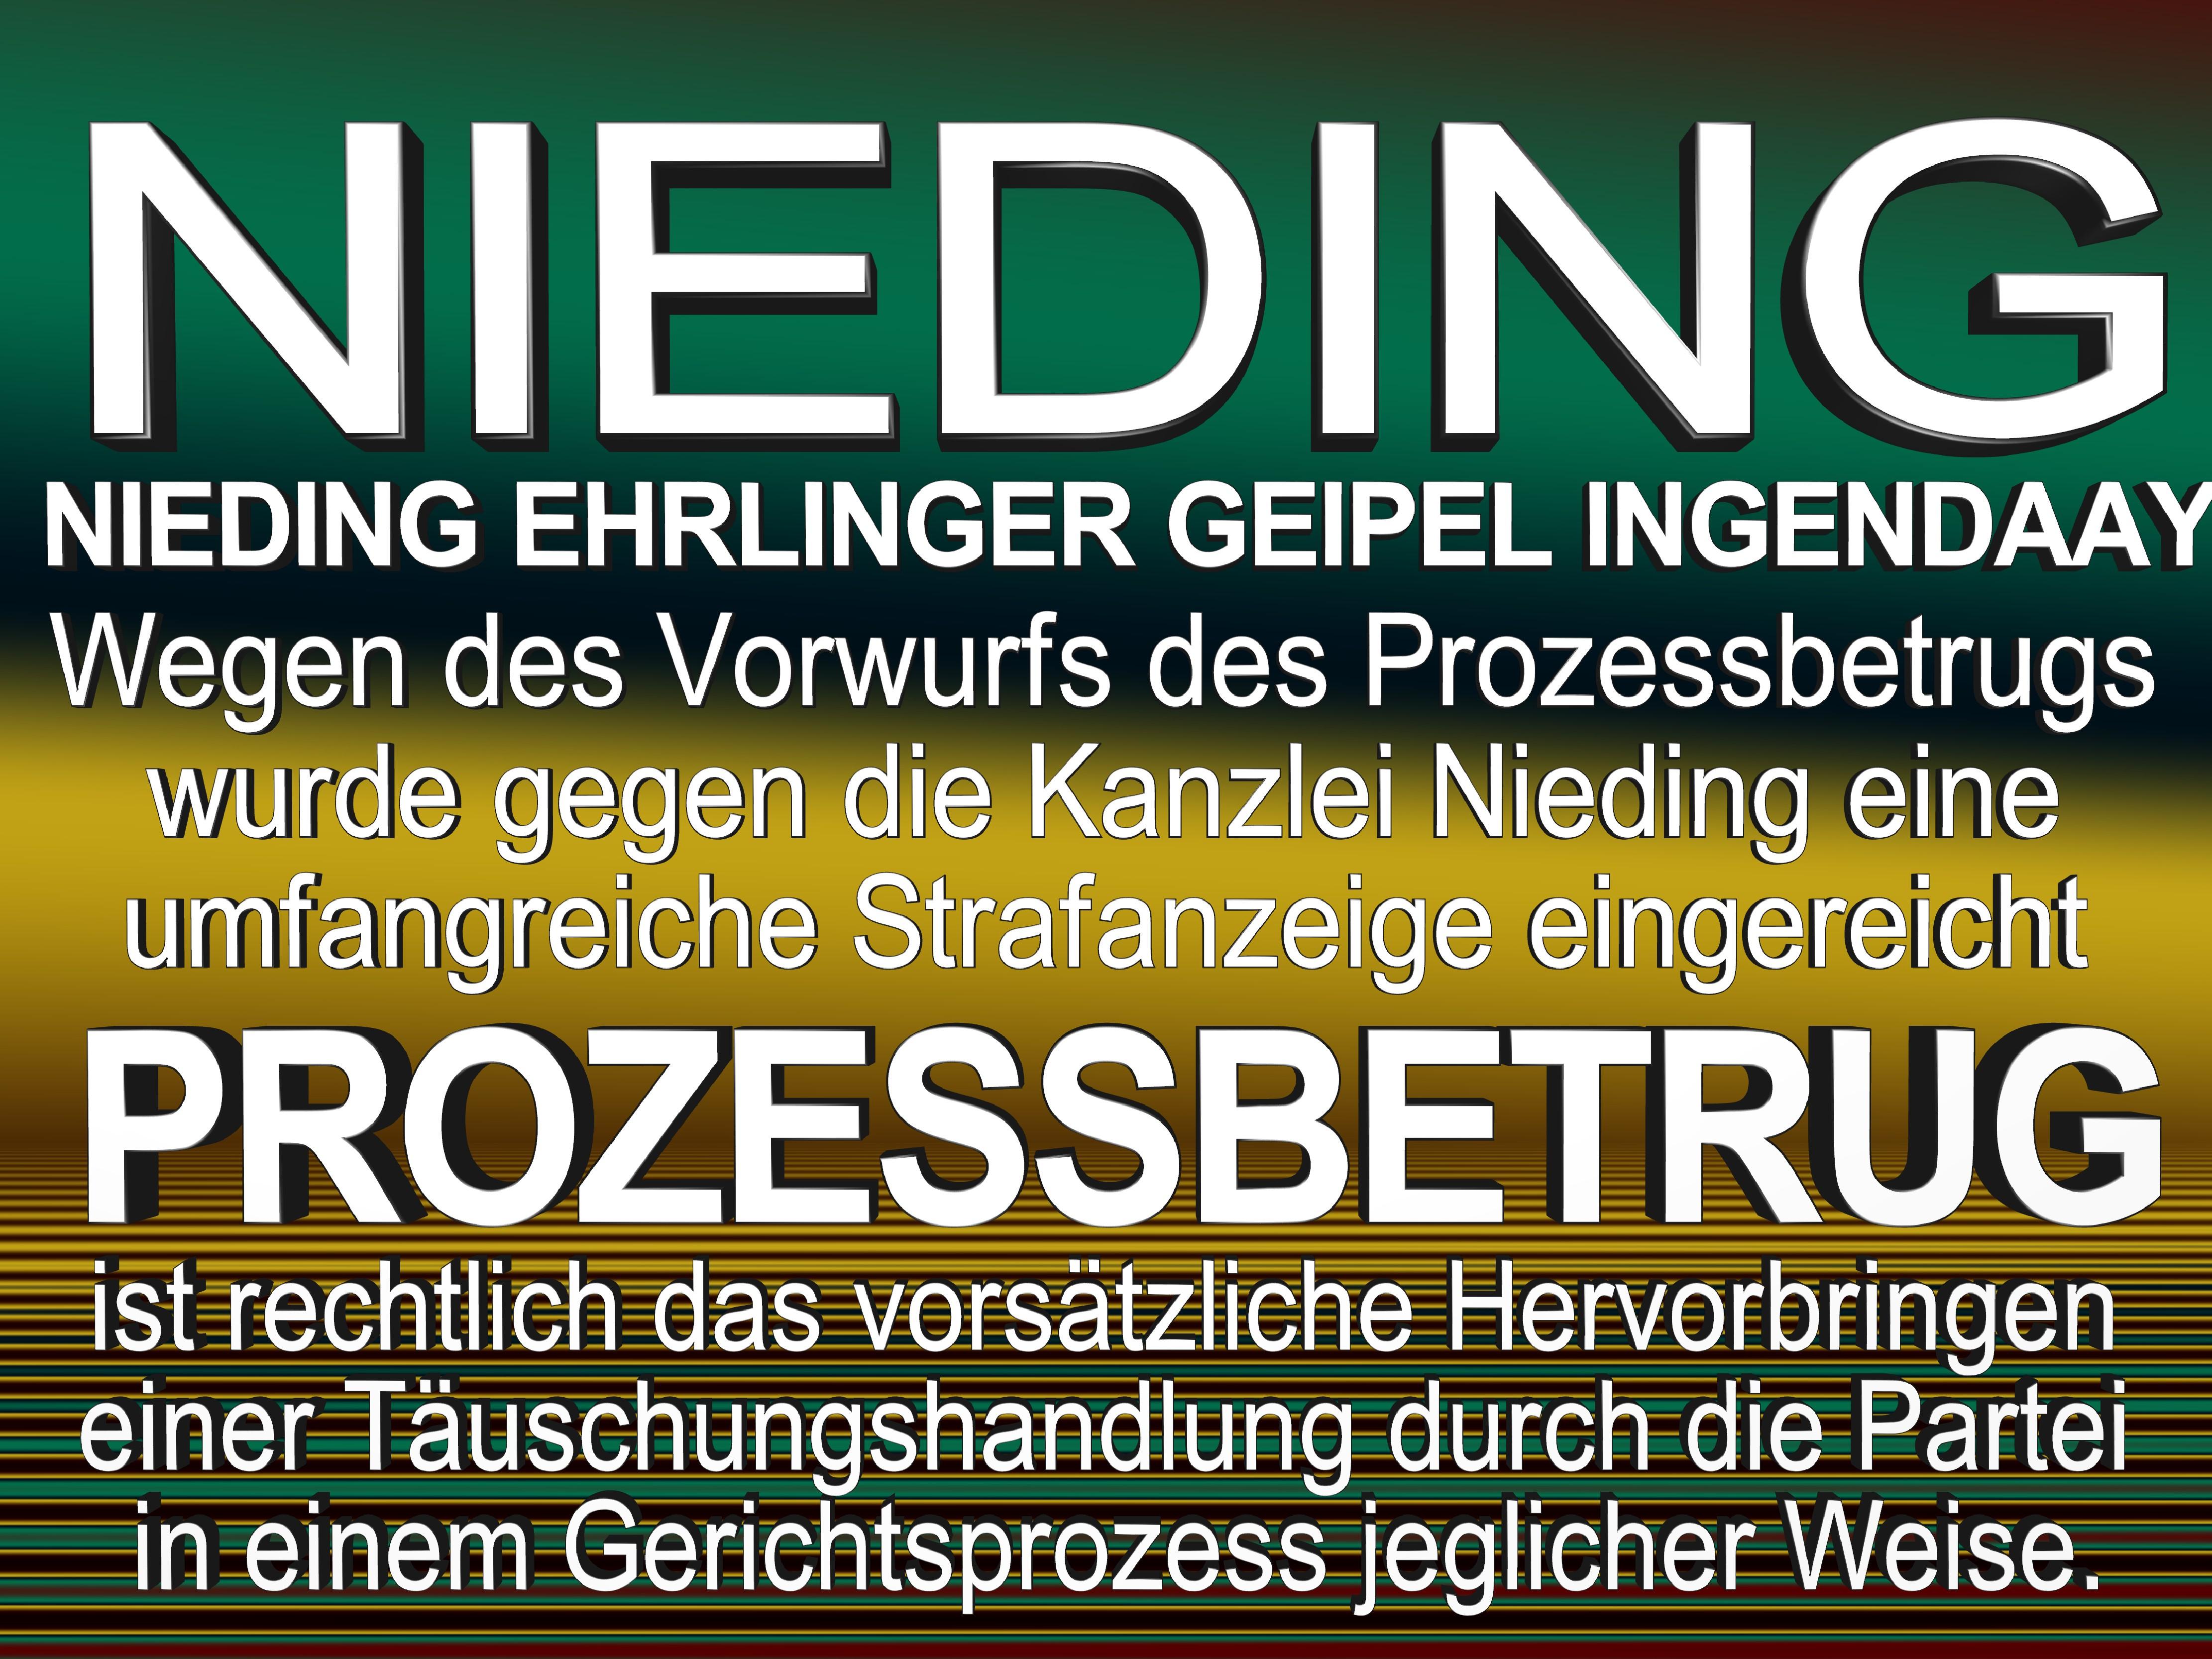 NIEDING EHRLINGER GEIPEL INGENDAAY LELKE Kurfürstendamm 66 Berlin (47)